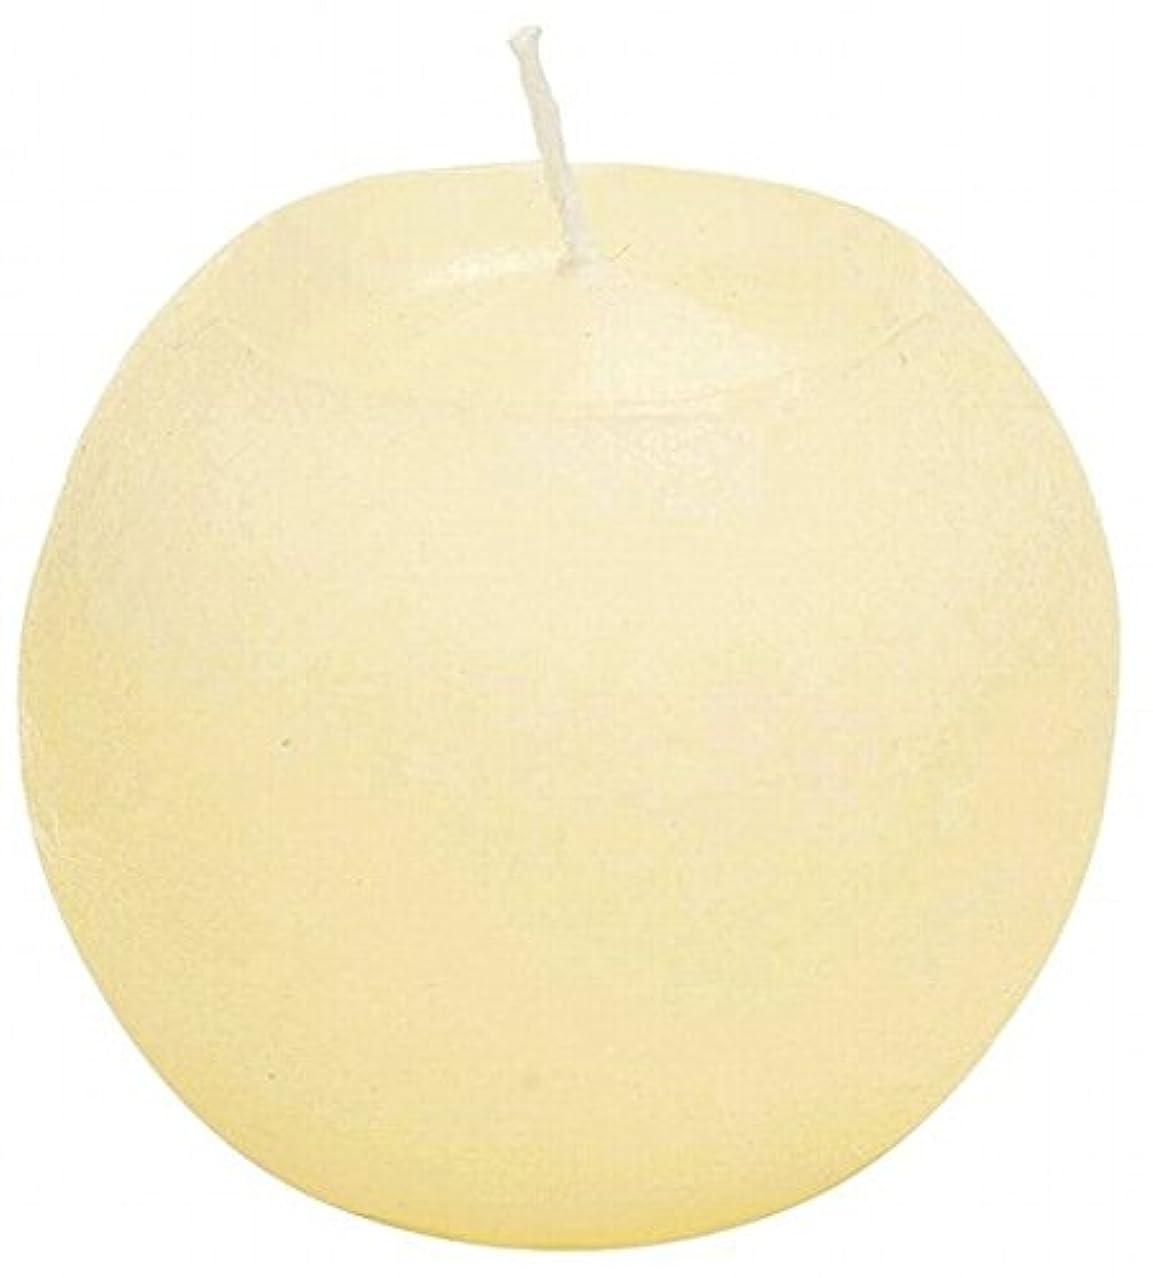 冷酷なファイバビルヤンキーキャンドル( YANKEE CANDLE ) ラスティクボール100 「 アイボリー 」